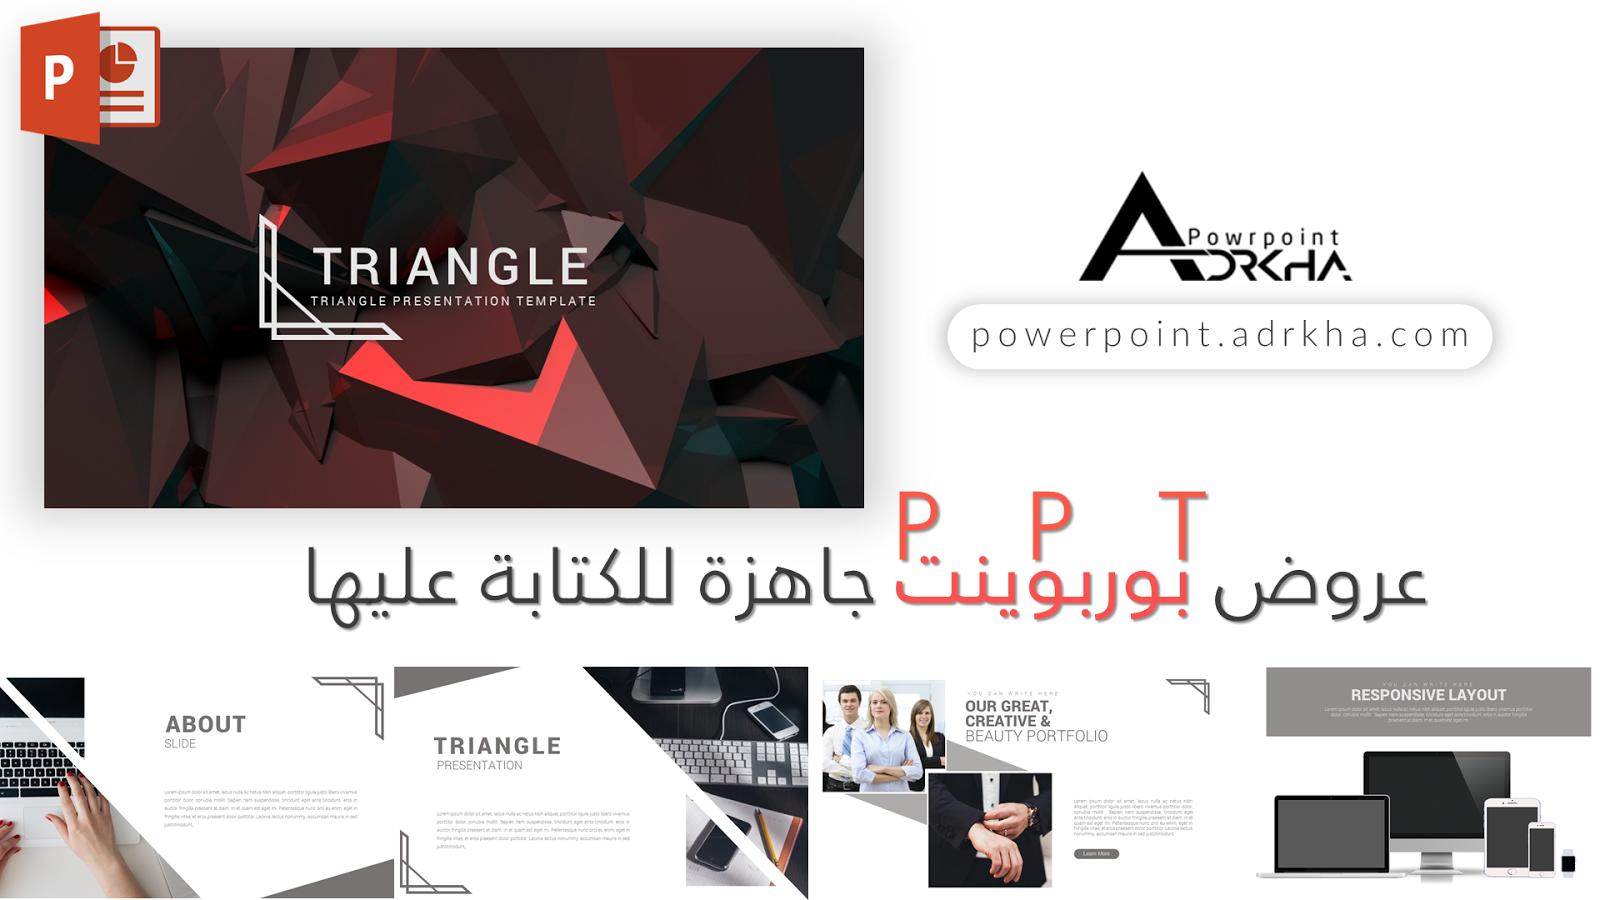 قوالب وعروض بوربوينت جاهزة للكتابة عليها Ppt In 2020 Powerpoint Templates Presentation Templates